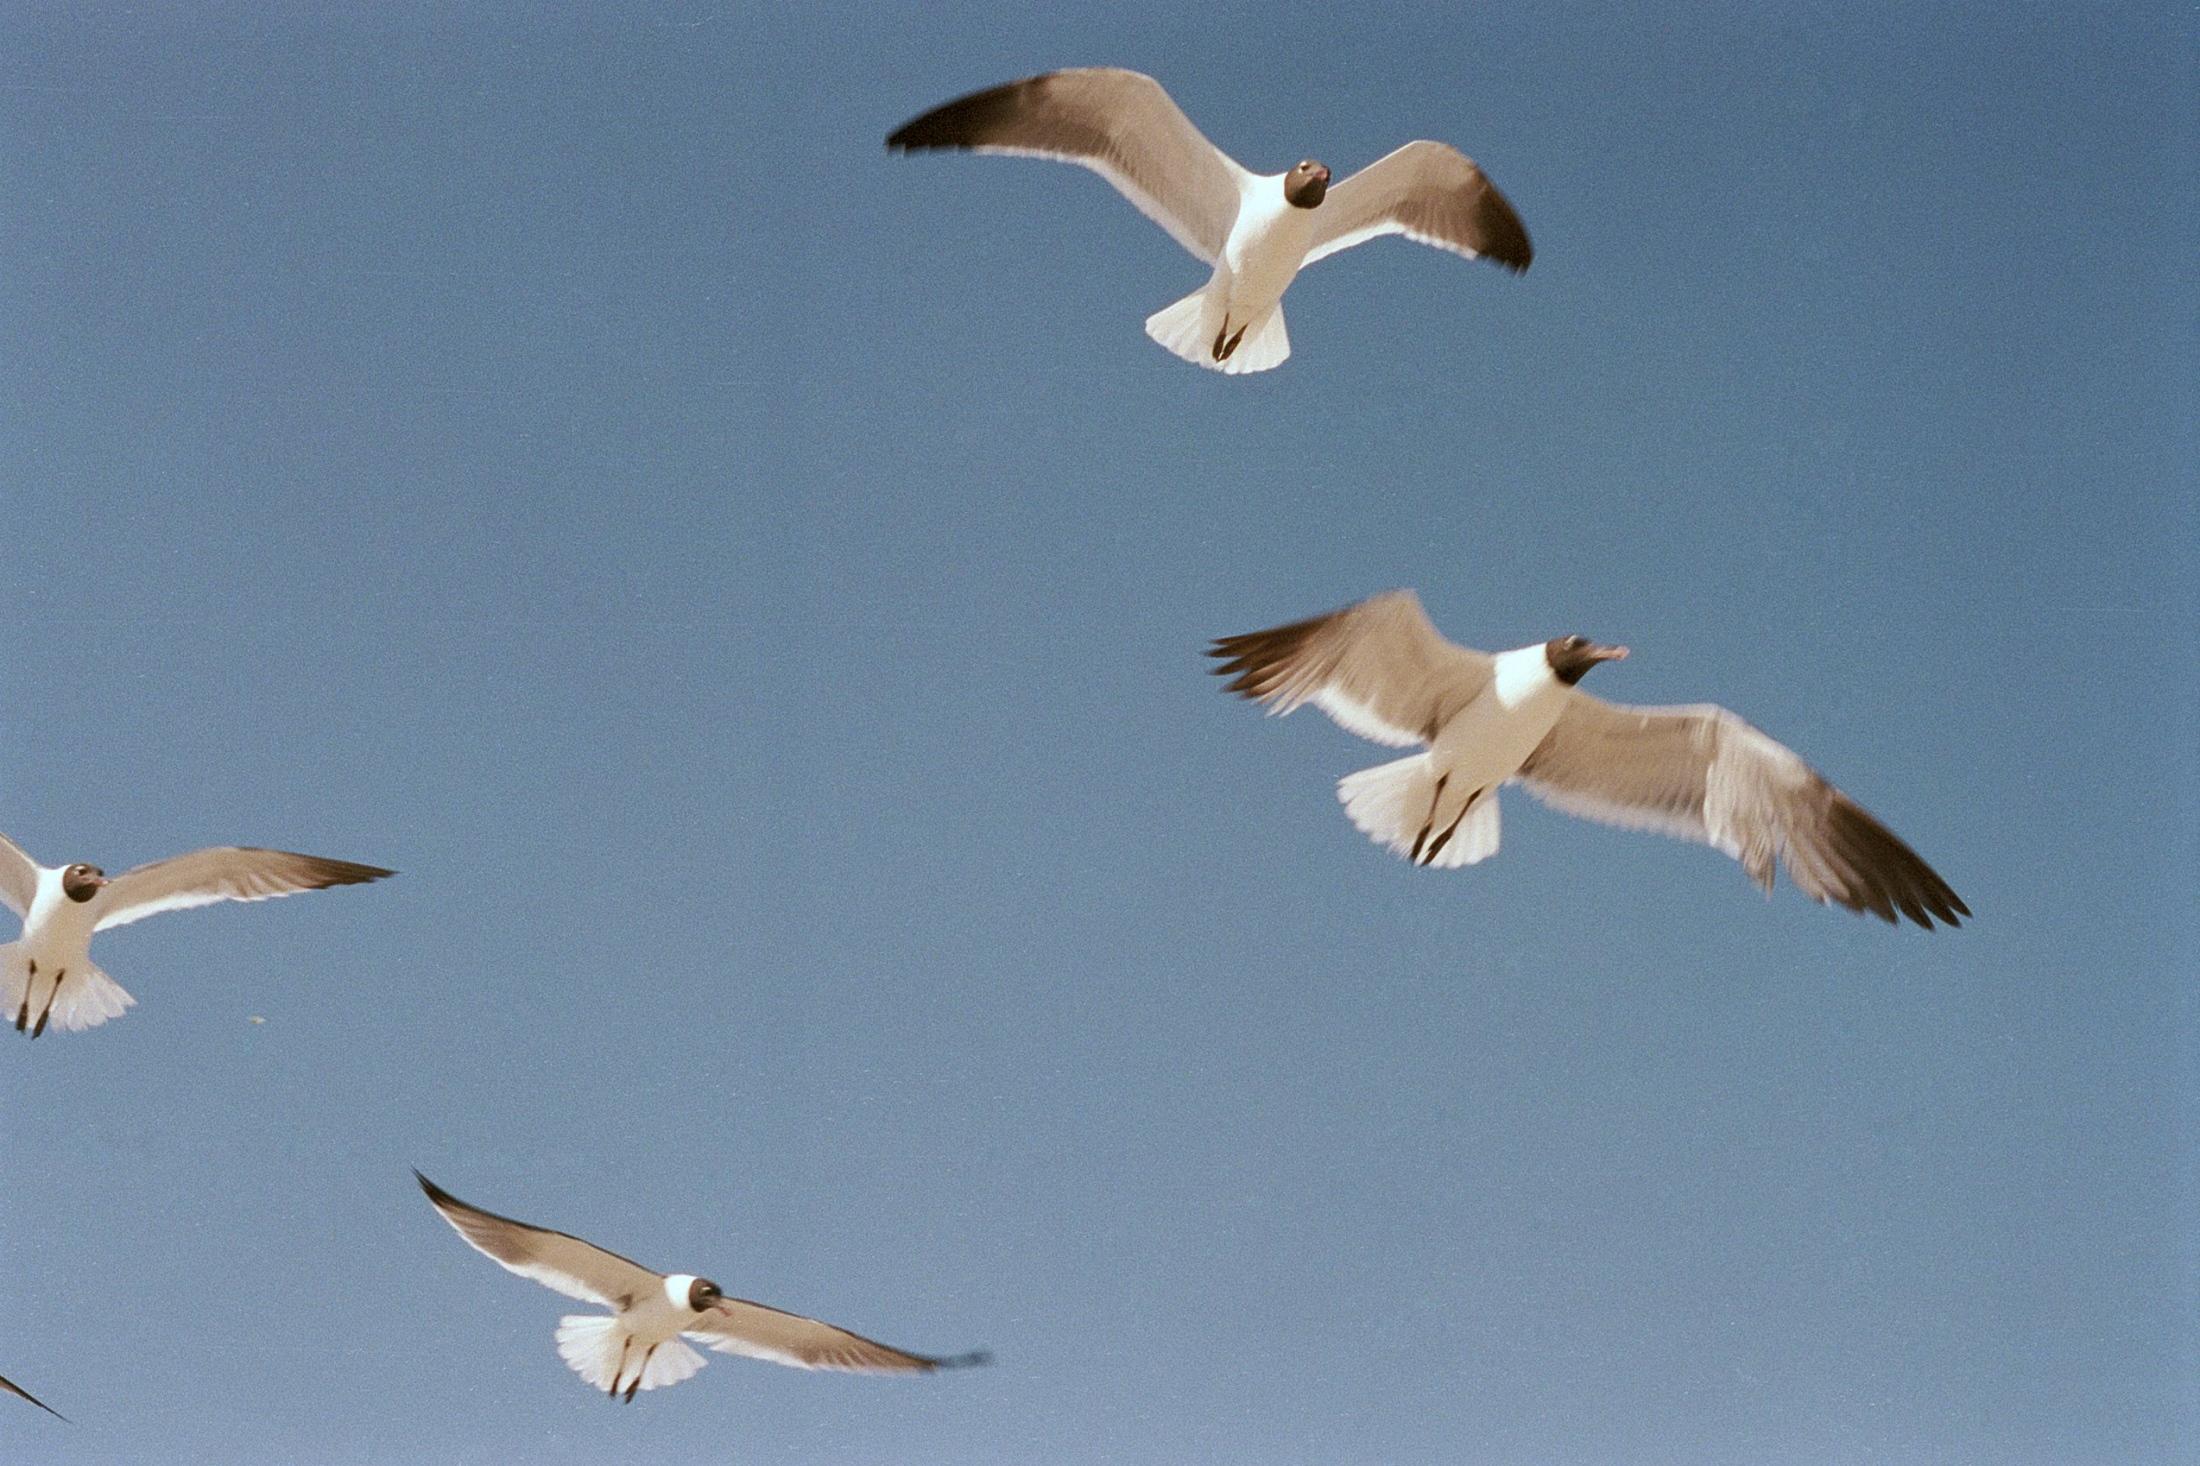 Birds at the beach, New York, NY